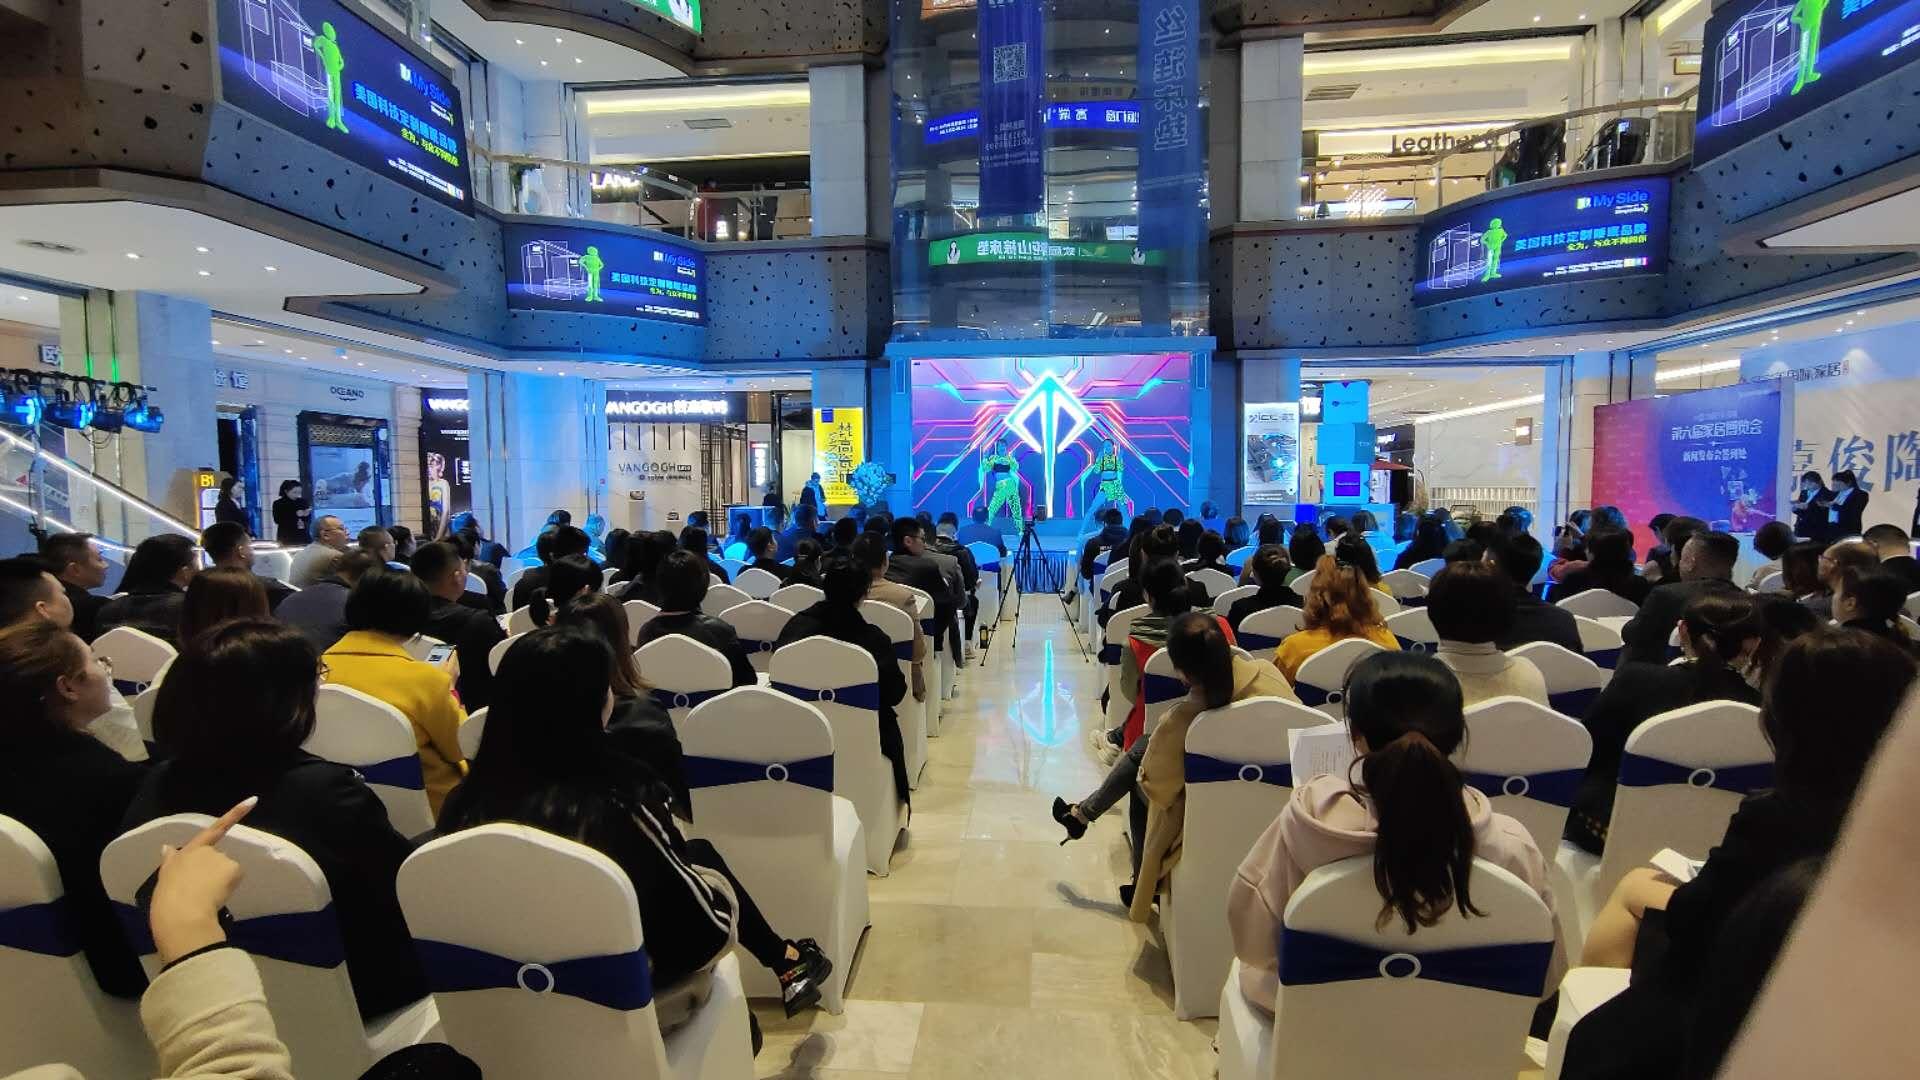 中国(绵阳)科技城第6届家居博览会在宜家美国际家居举行新闻发布会